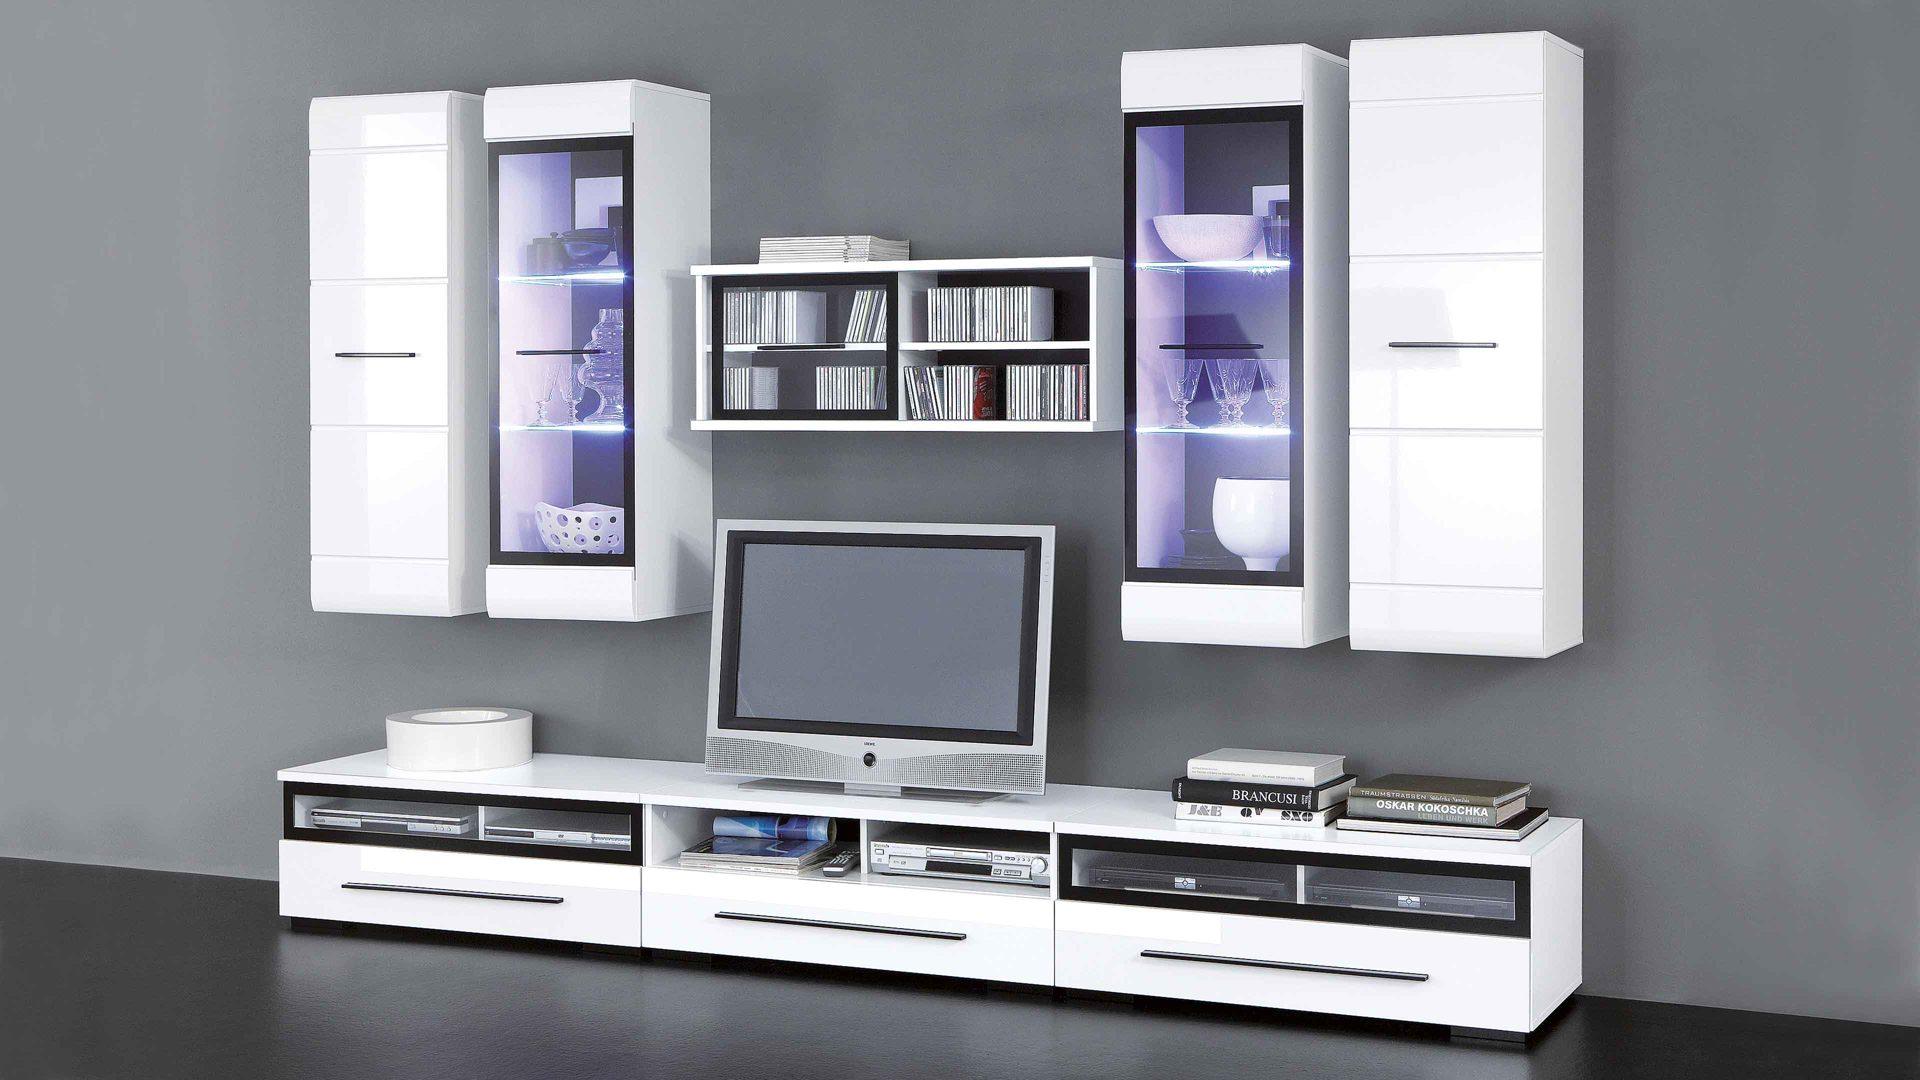 Möbel Busch , Kisten, Wohnwand Inclusive LED Beleuchtung Für Ihr Zuhause,  Wohnwand, Wohnwand Inclusive LED Beleuchtung Für Ihr Zuhause, Achtteilig    Weiße ...